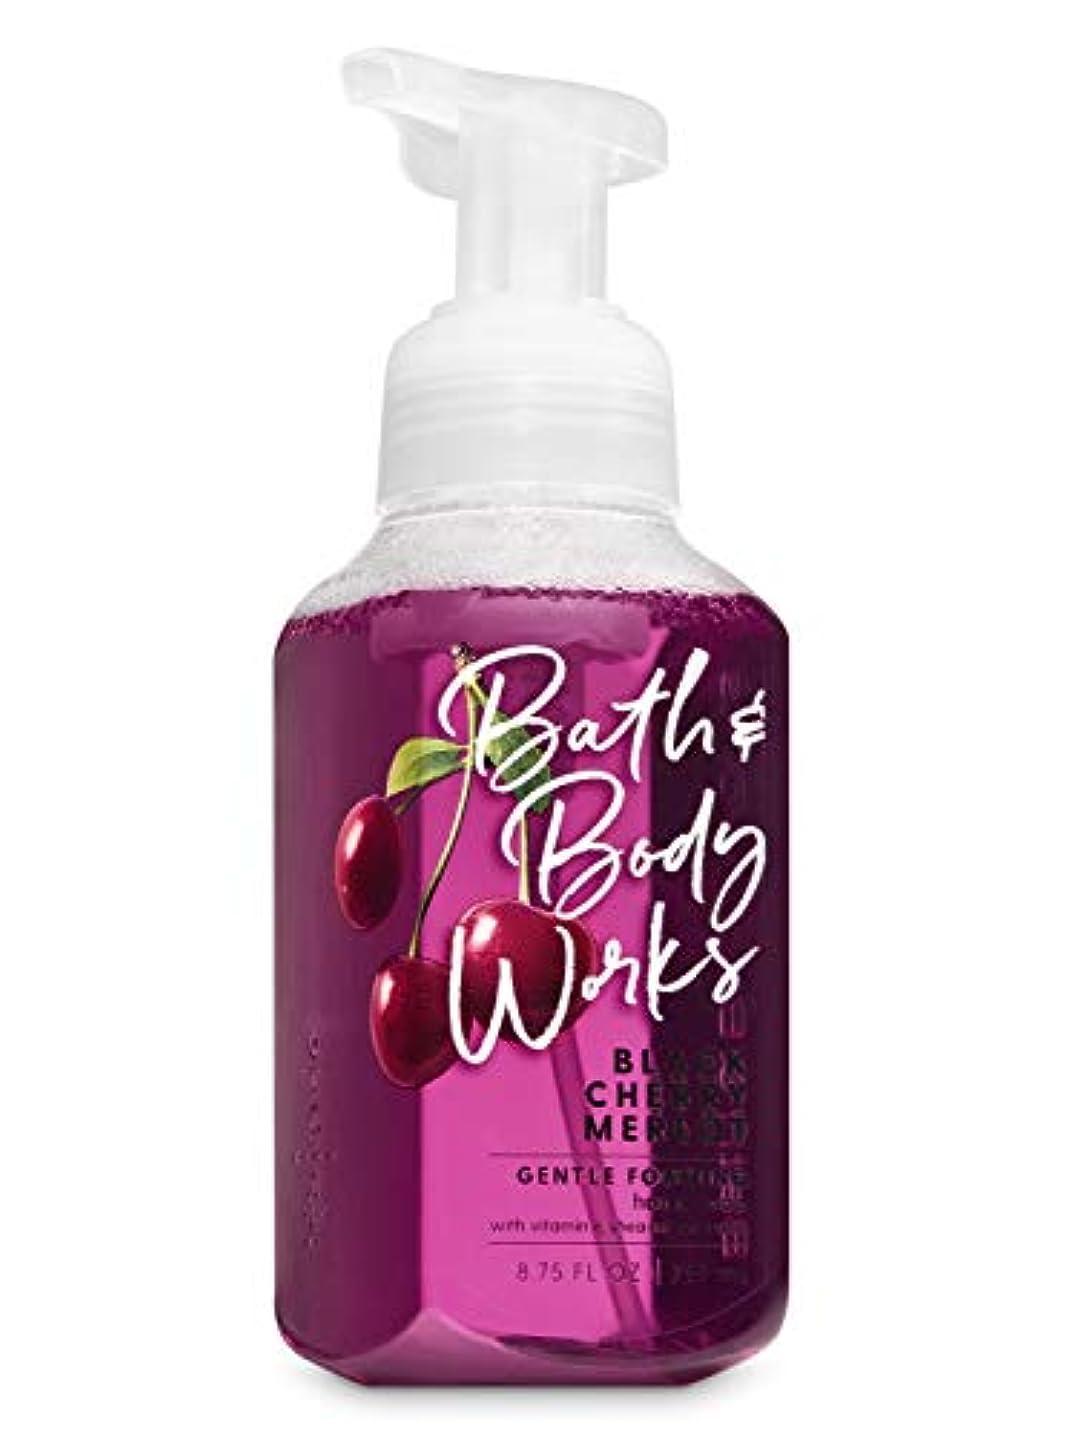 ルビー思春期仕えるバス&ボディワークス ブラックチェリー マーロット ジェントル フォーミング ハンドソープ Black Cherry Merlot Gentle Foaming Hand Soap